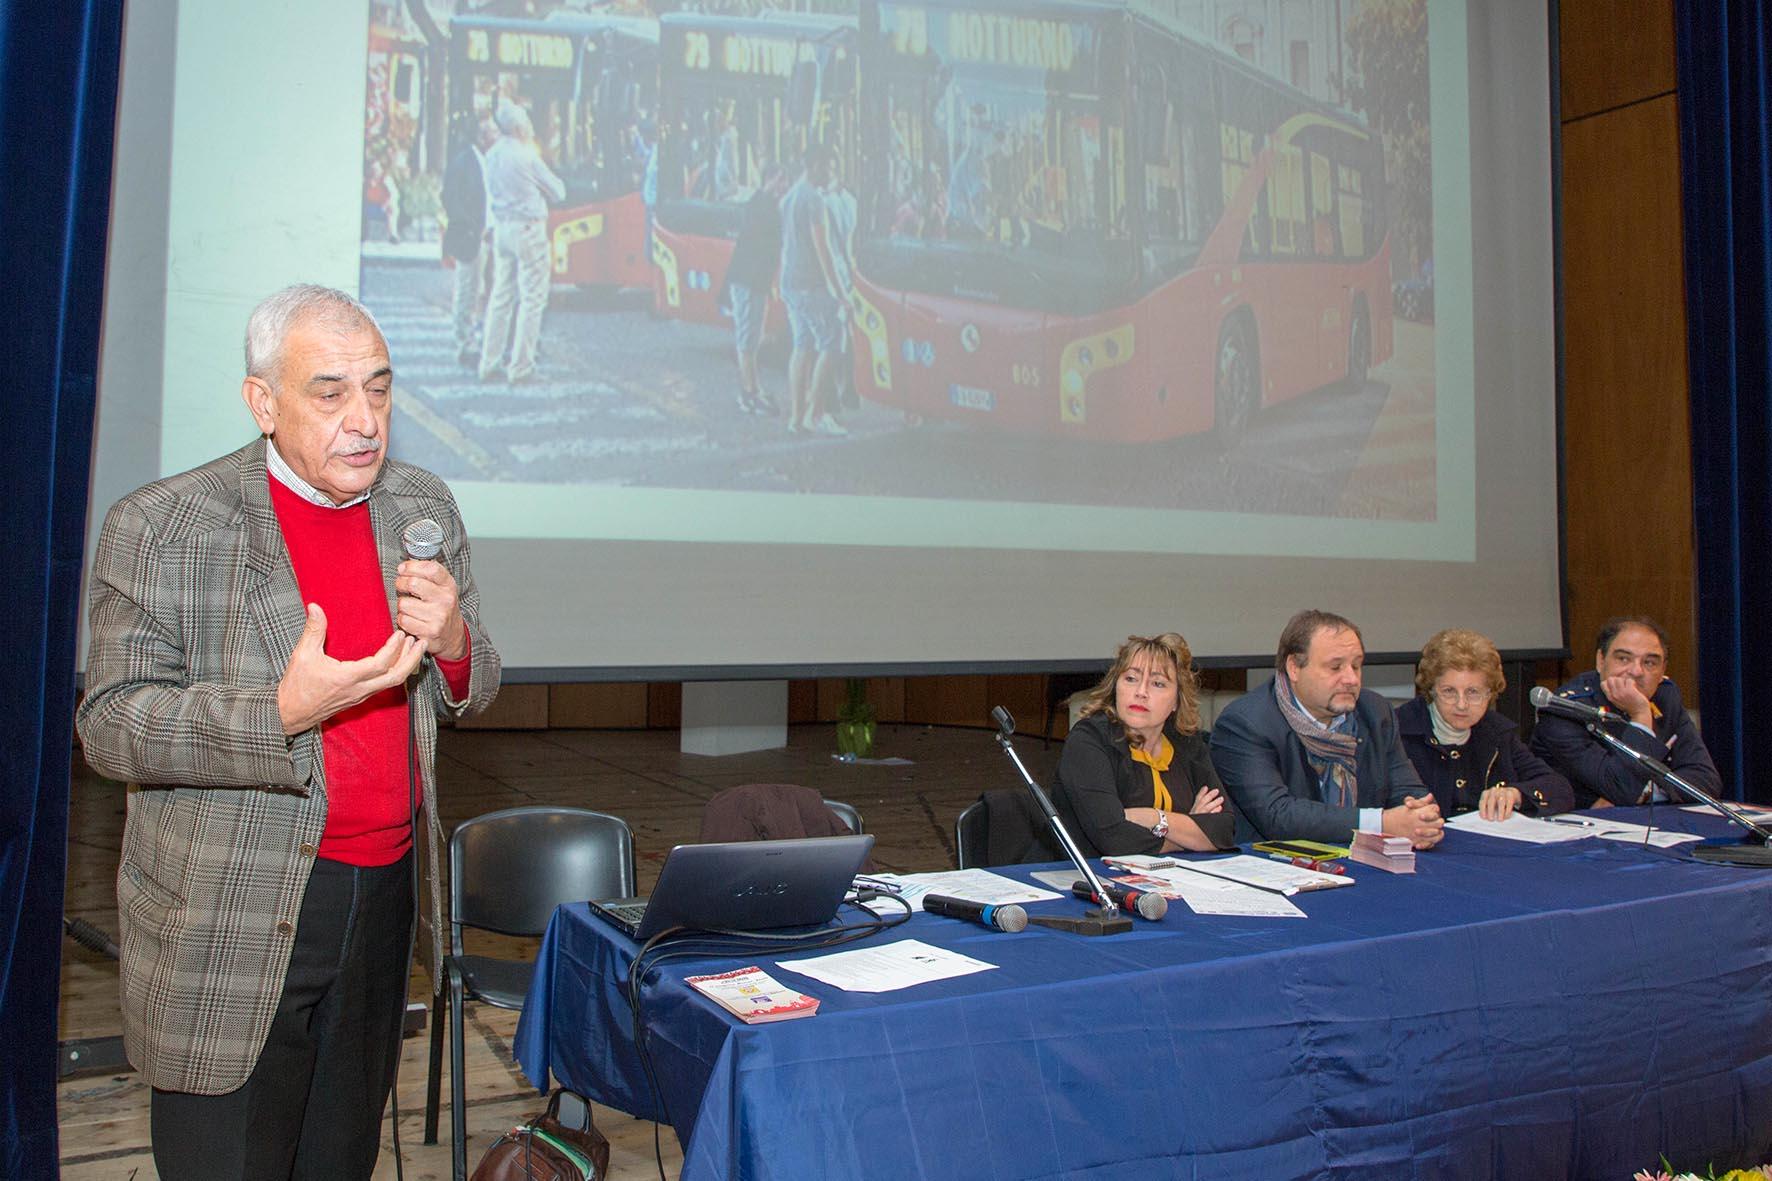 Basta fiori sull'asfalto, Messina non dimentica Valeria Mastrojeni